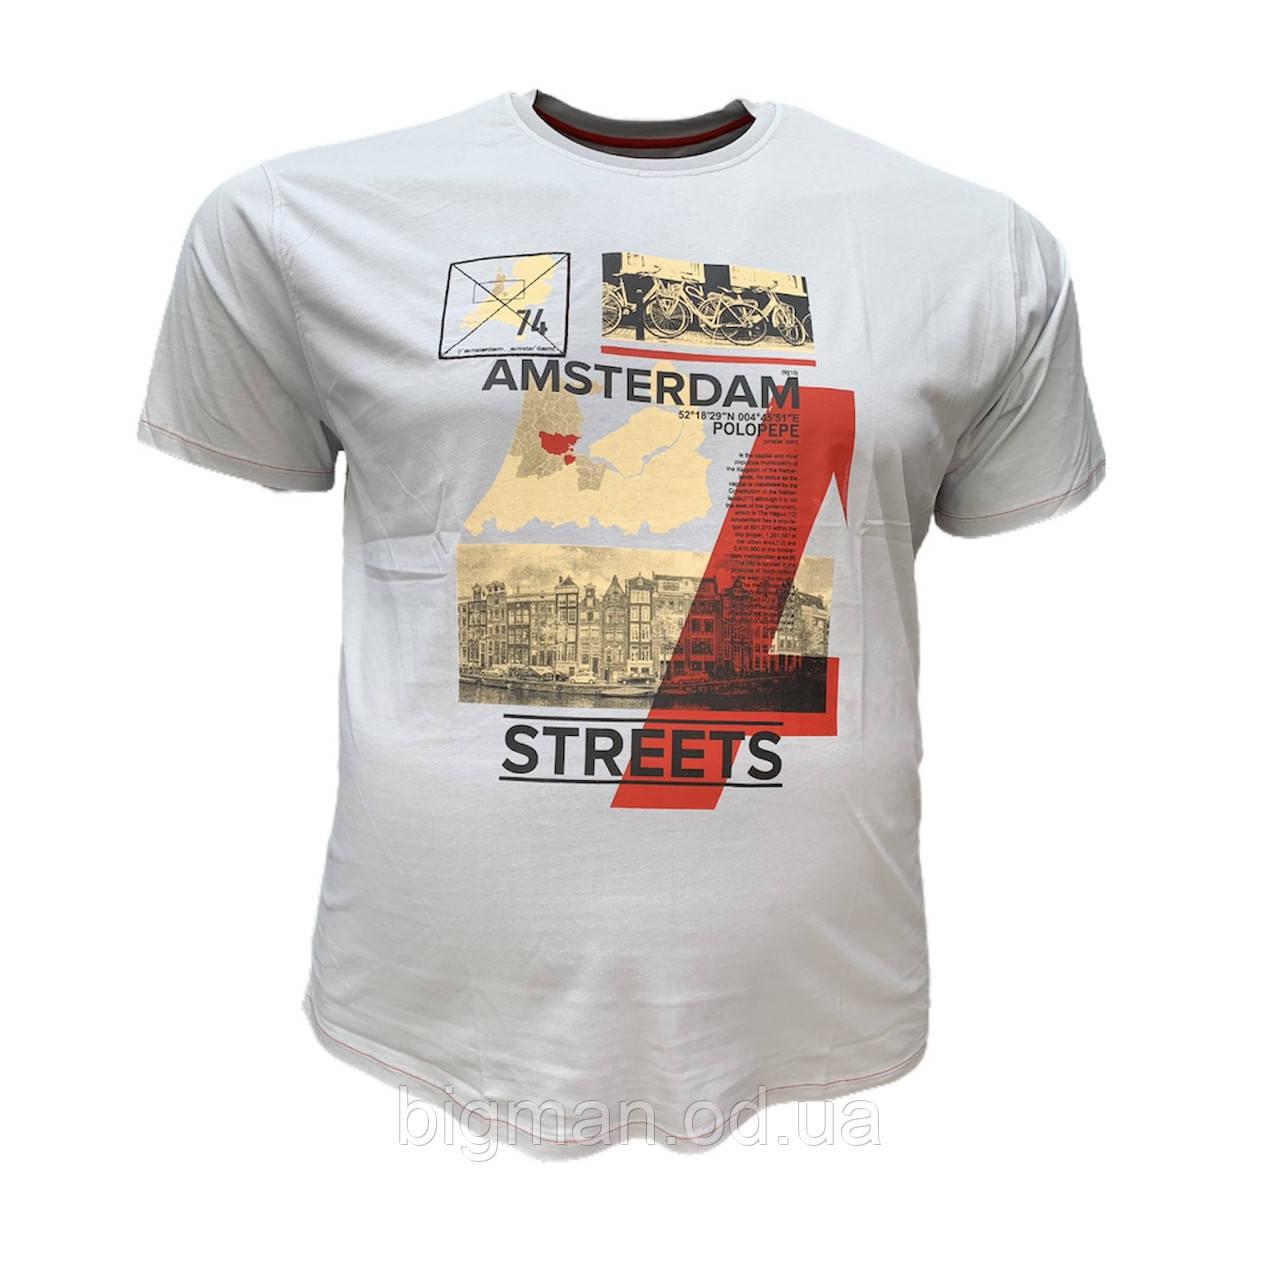 Чоловіча батальна футболка PoloPepe 12100 3XL 4XL 5XL 6XL світло-сіра великі розміри Туреччина